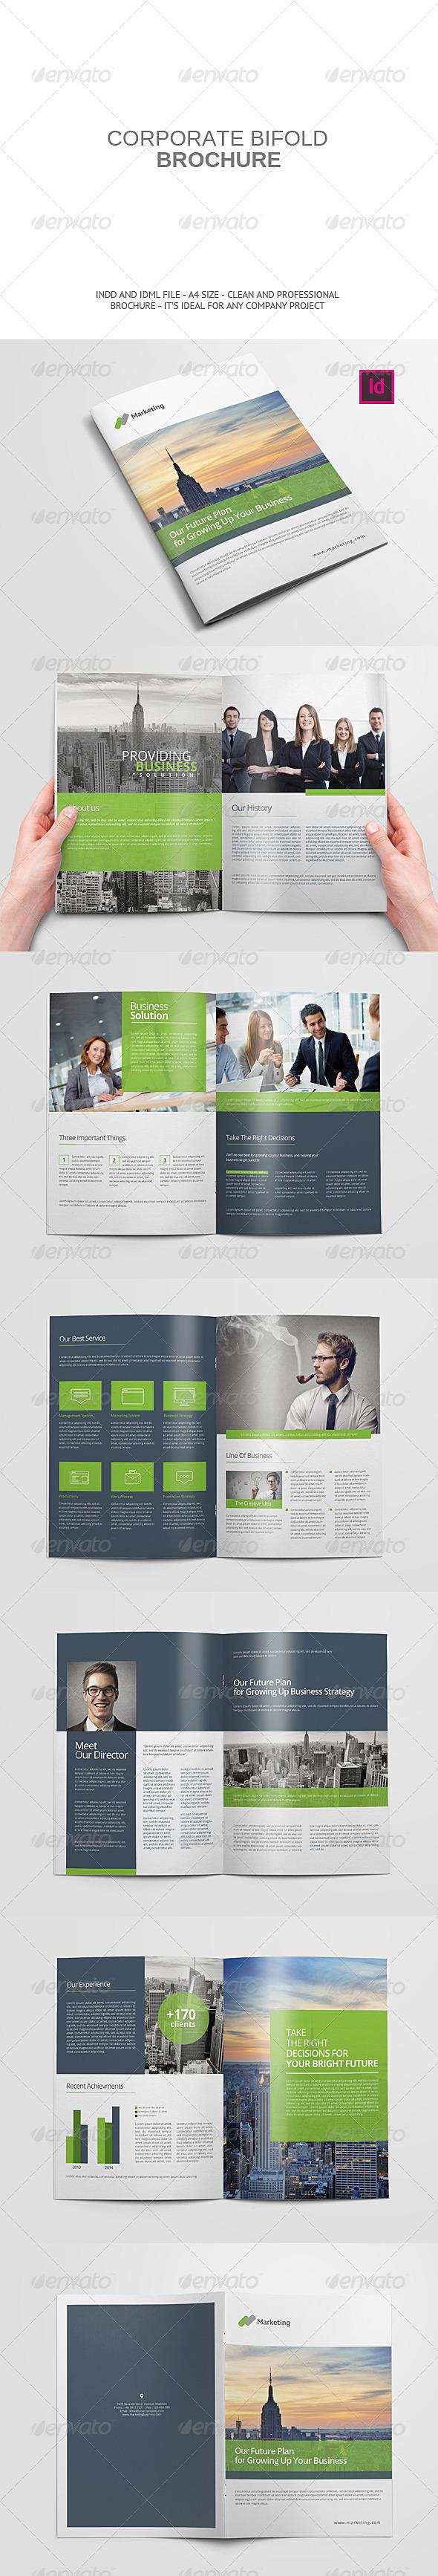 GraphicRiver Corporate Bifold Brochure 7990885